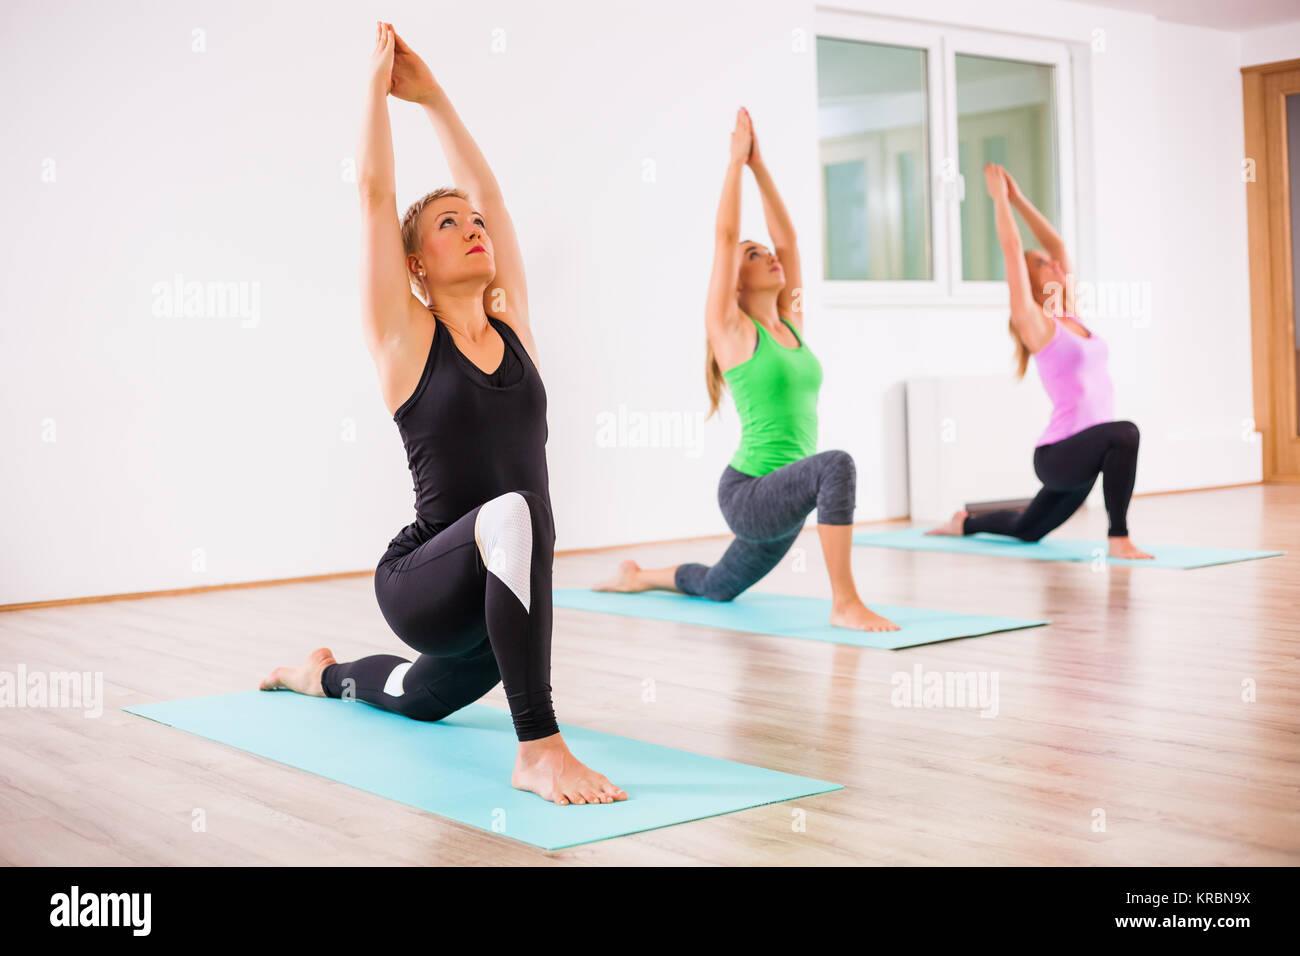 Three girls practicing yoga, Virabhadrasana / Warrior 1 pose - Stock Image